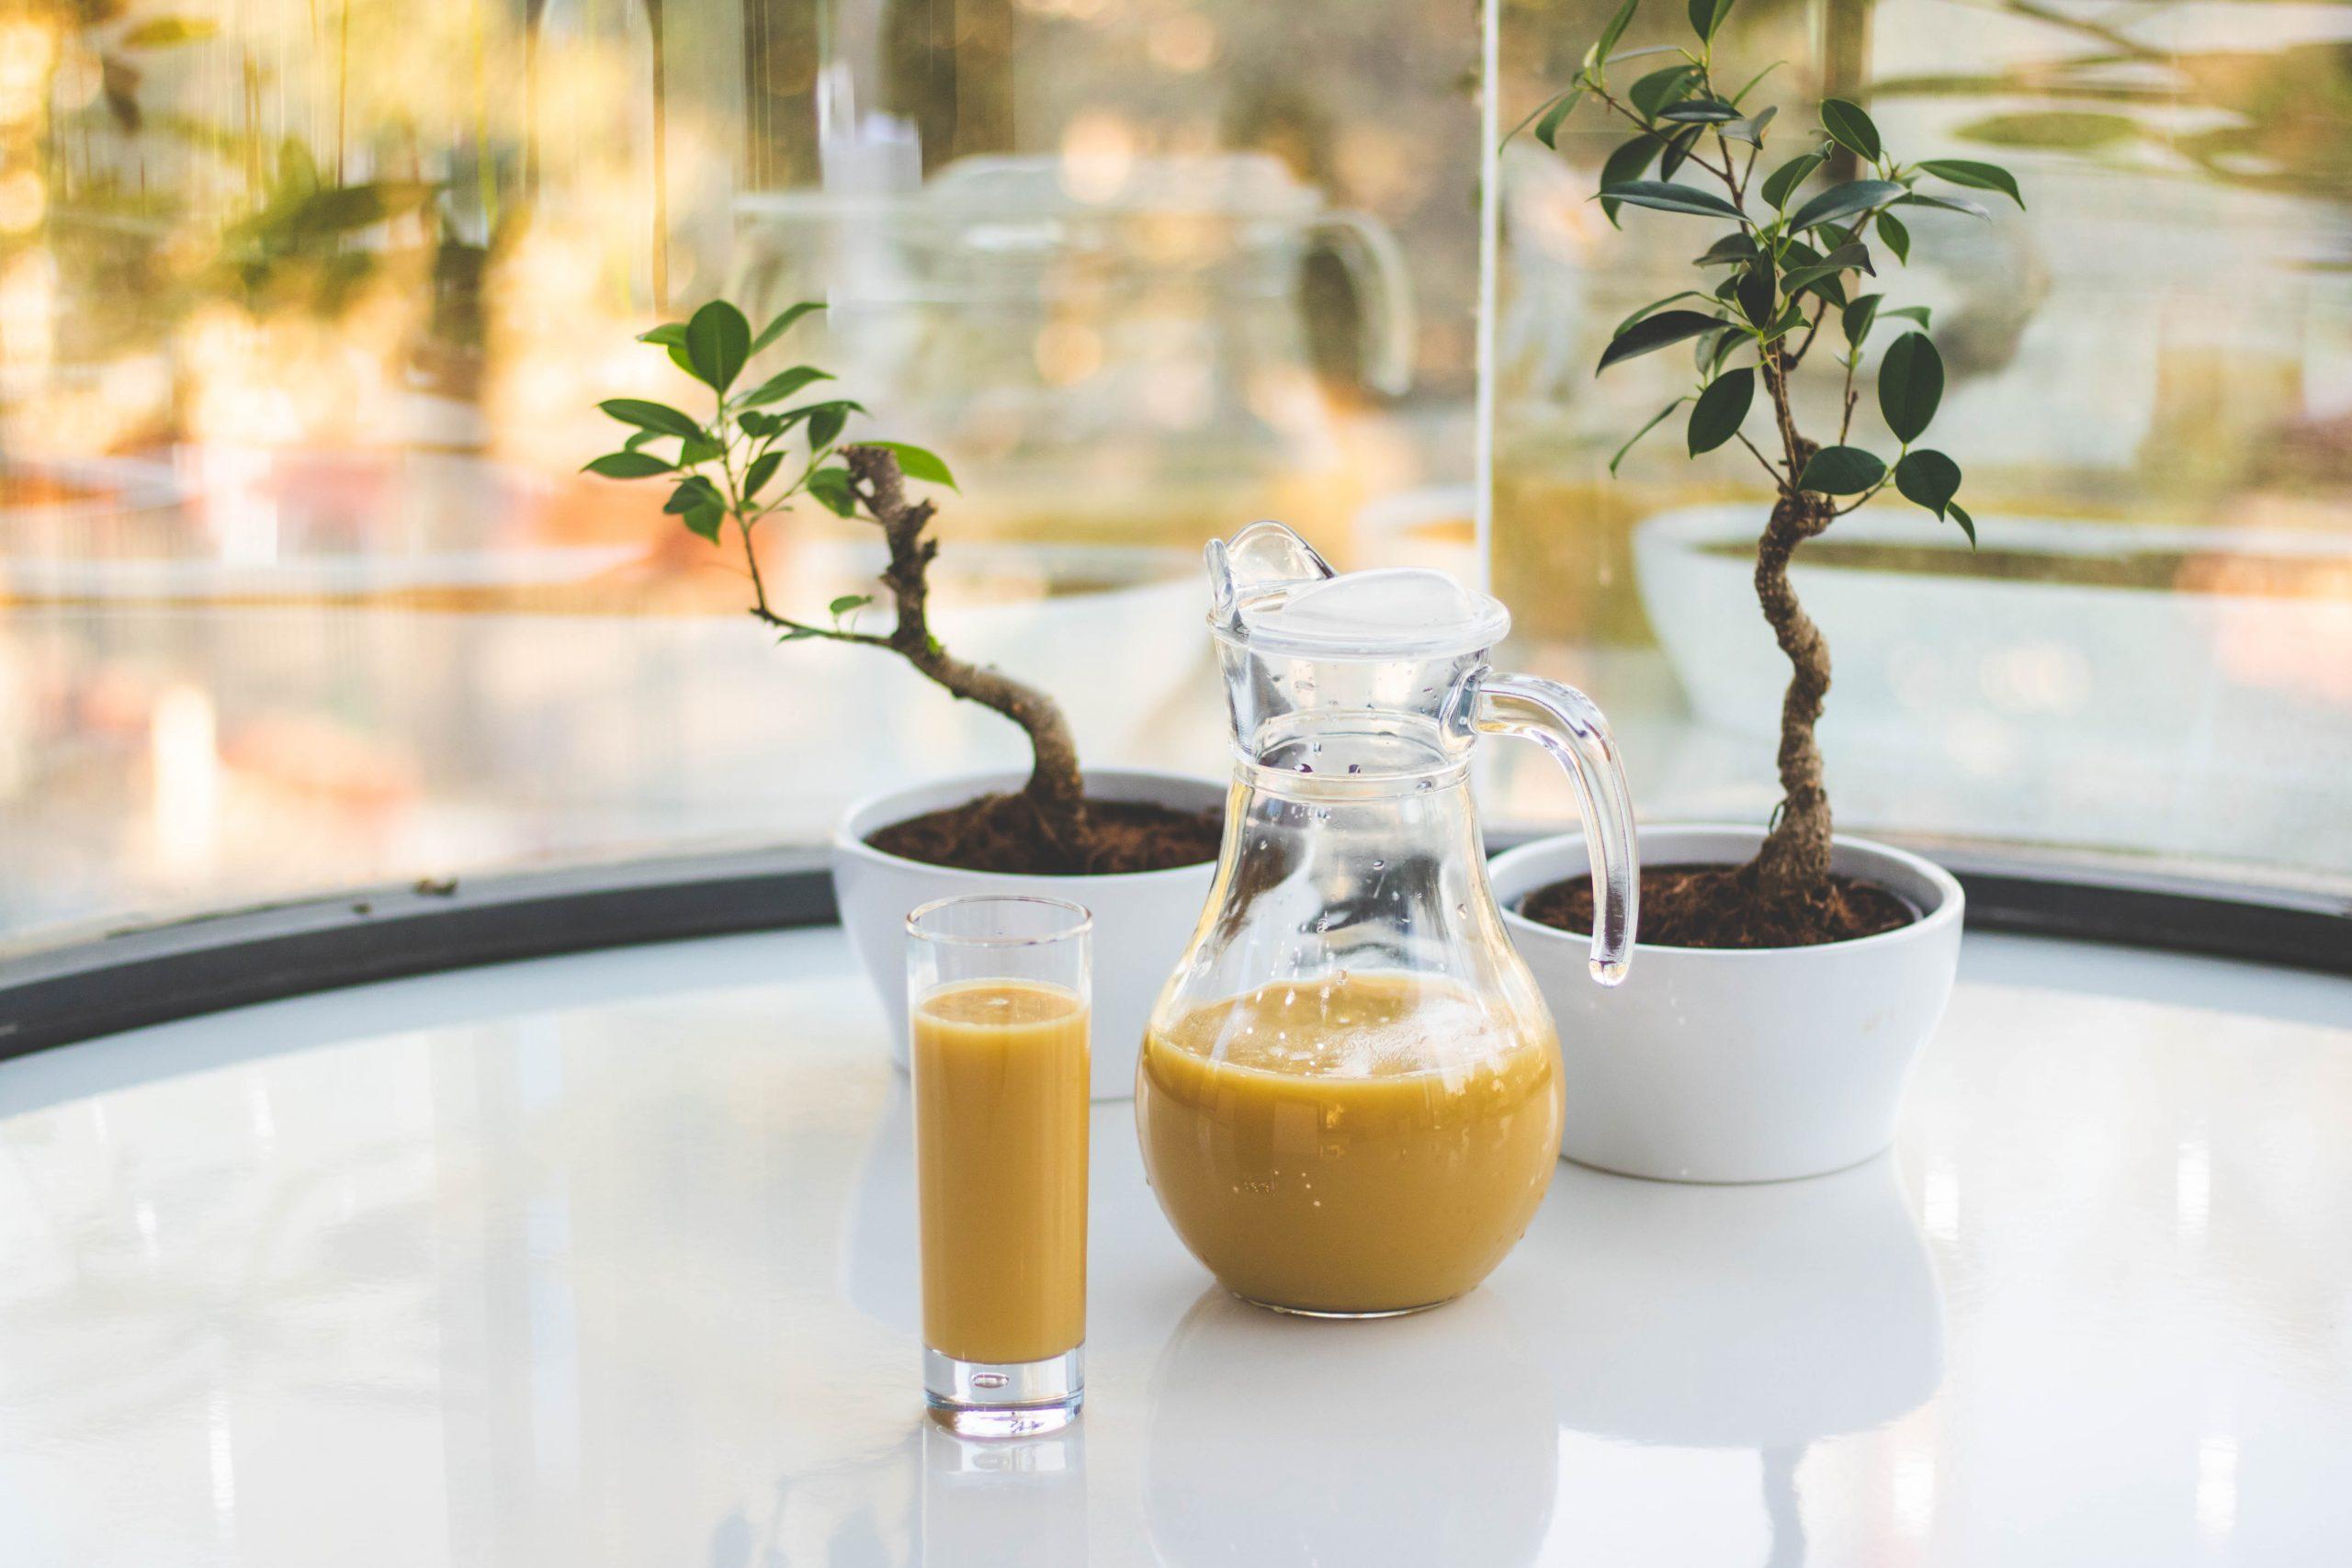 Na foto uma jarra com suco ao lado de um copo em frente a dois vasos de planta em cima de uma mesa.